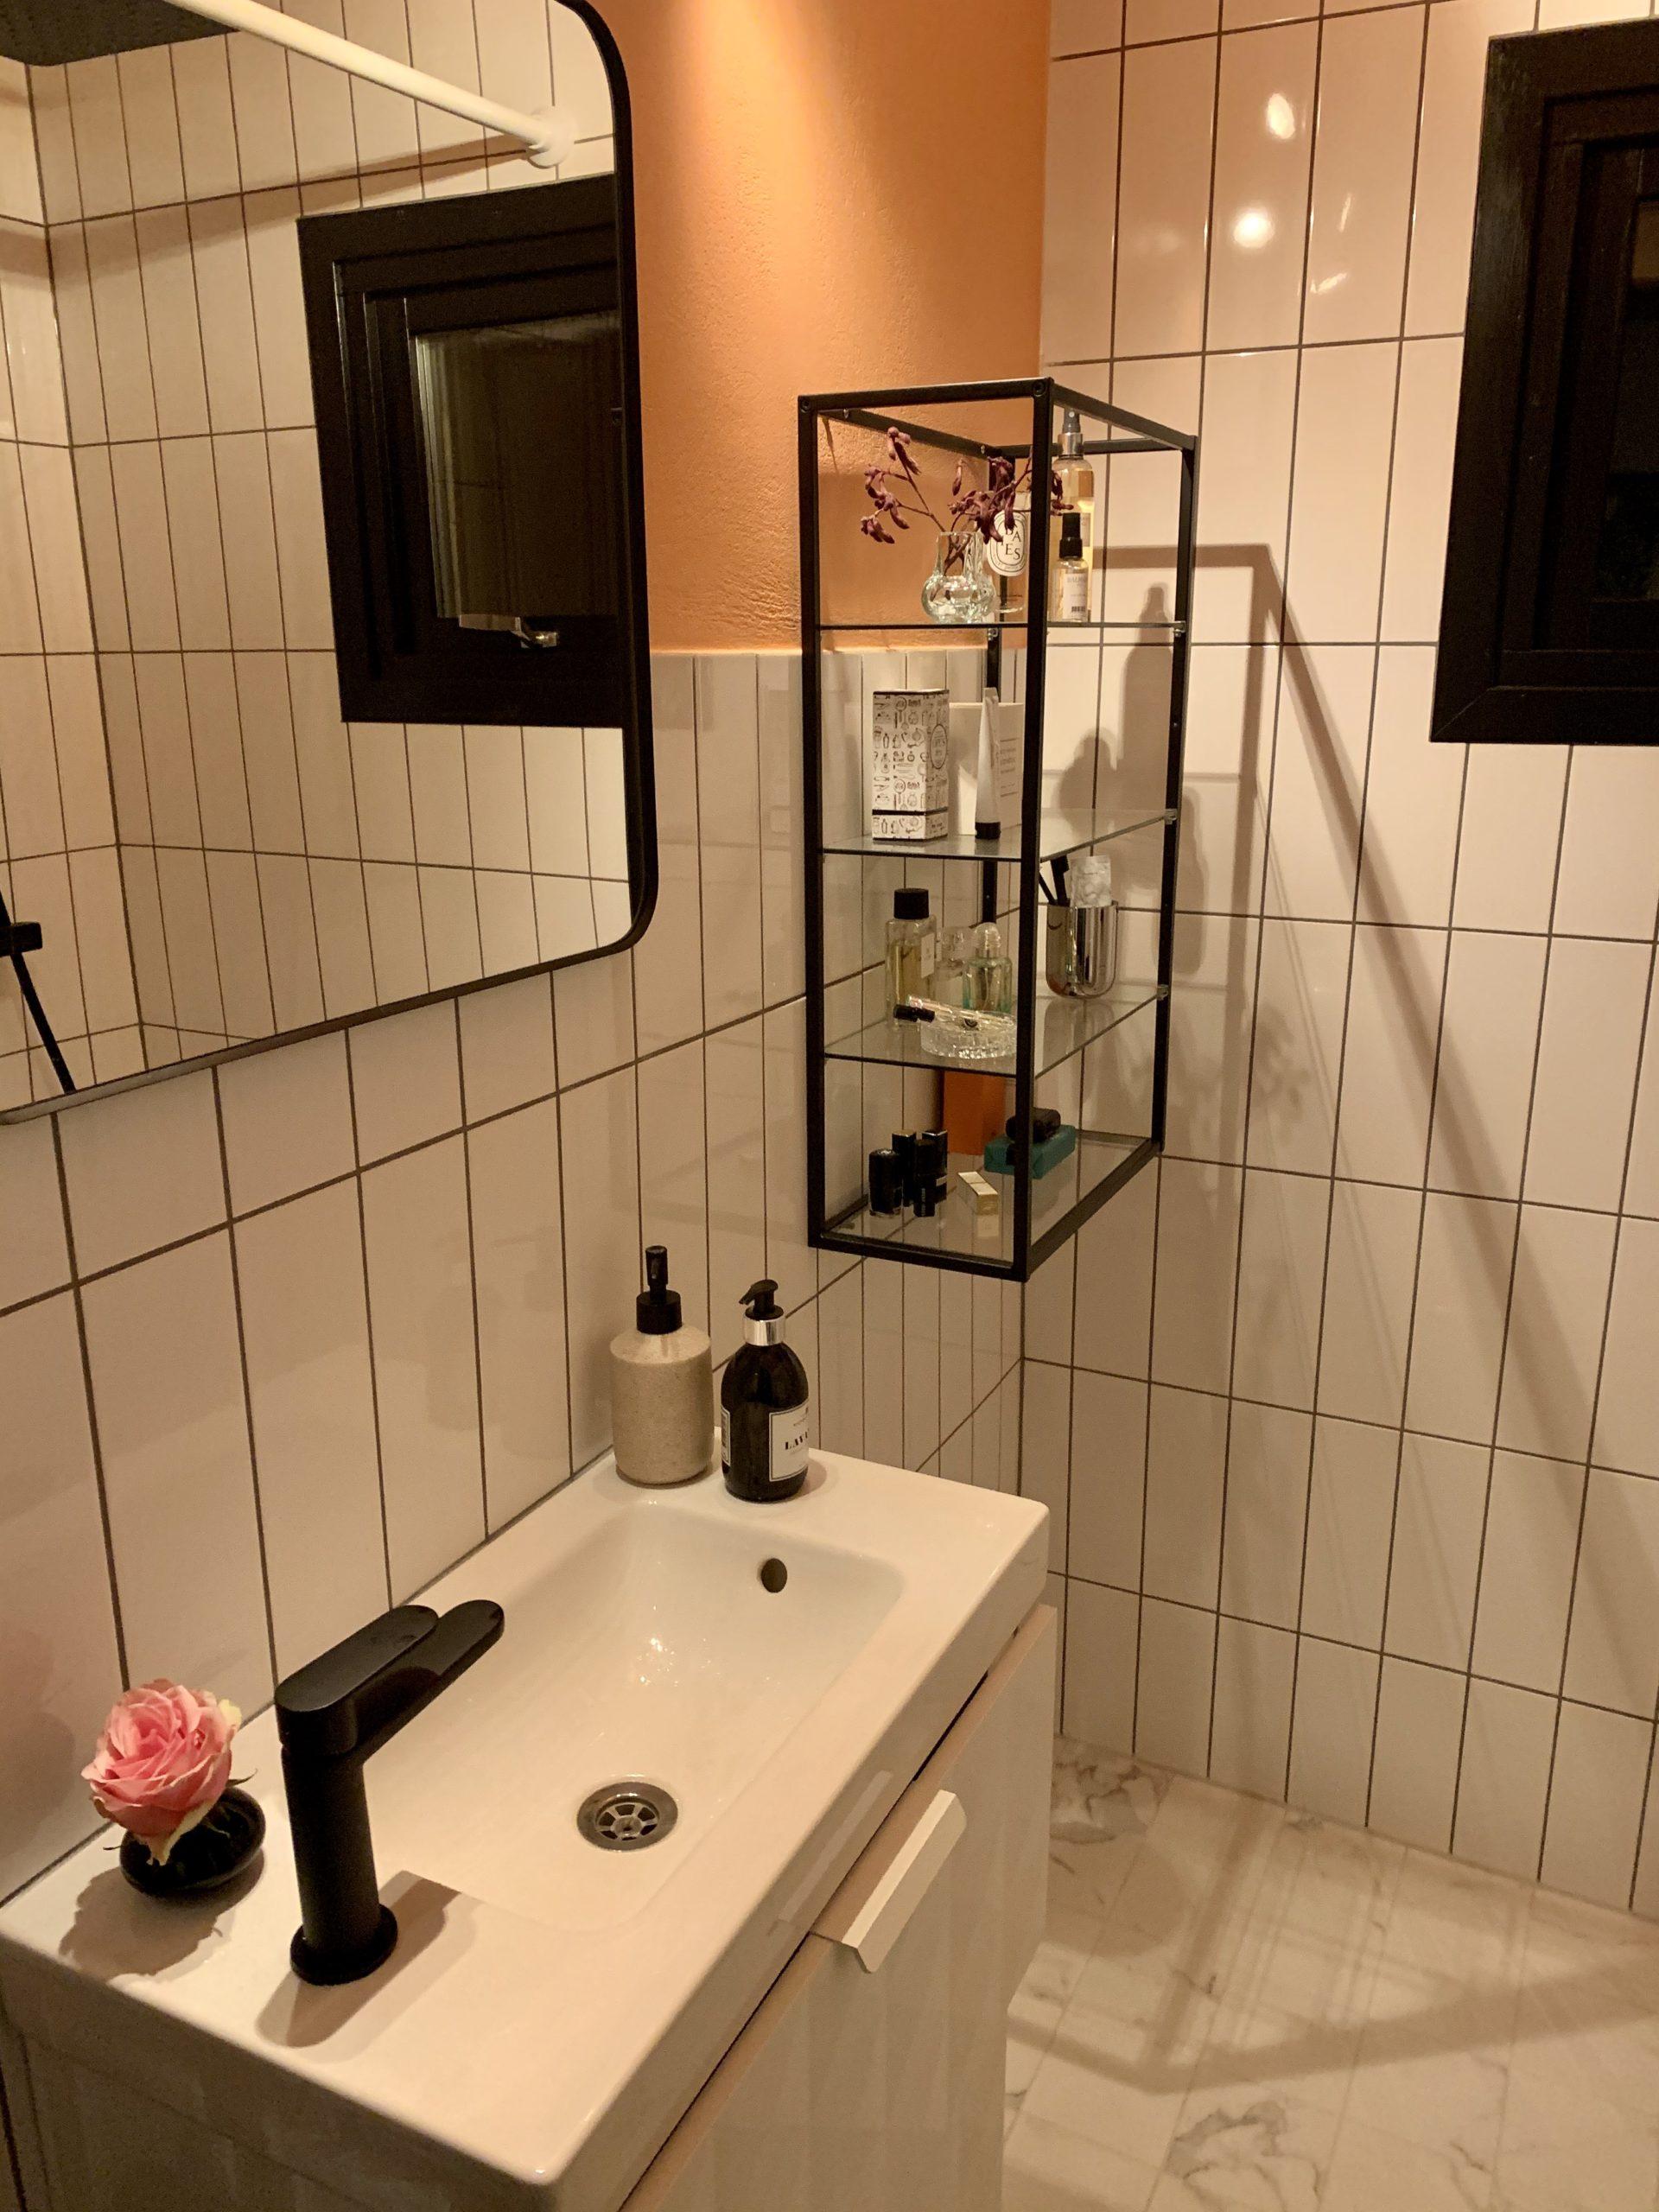 Snyggt med aprikos färg i badrummet